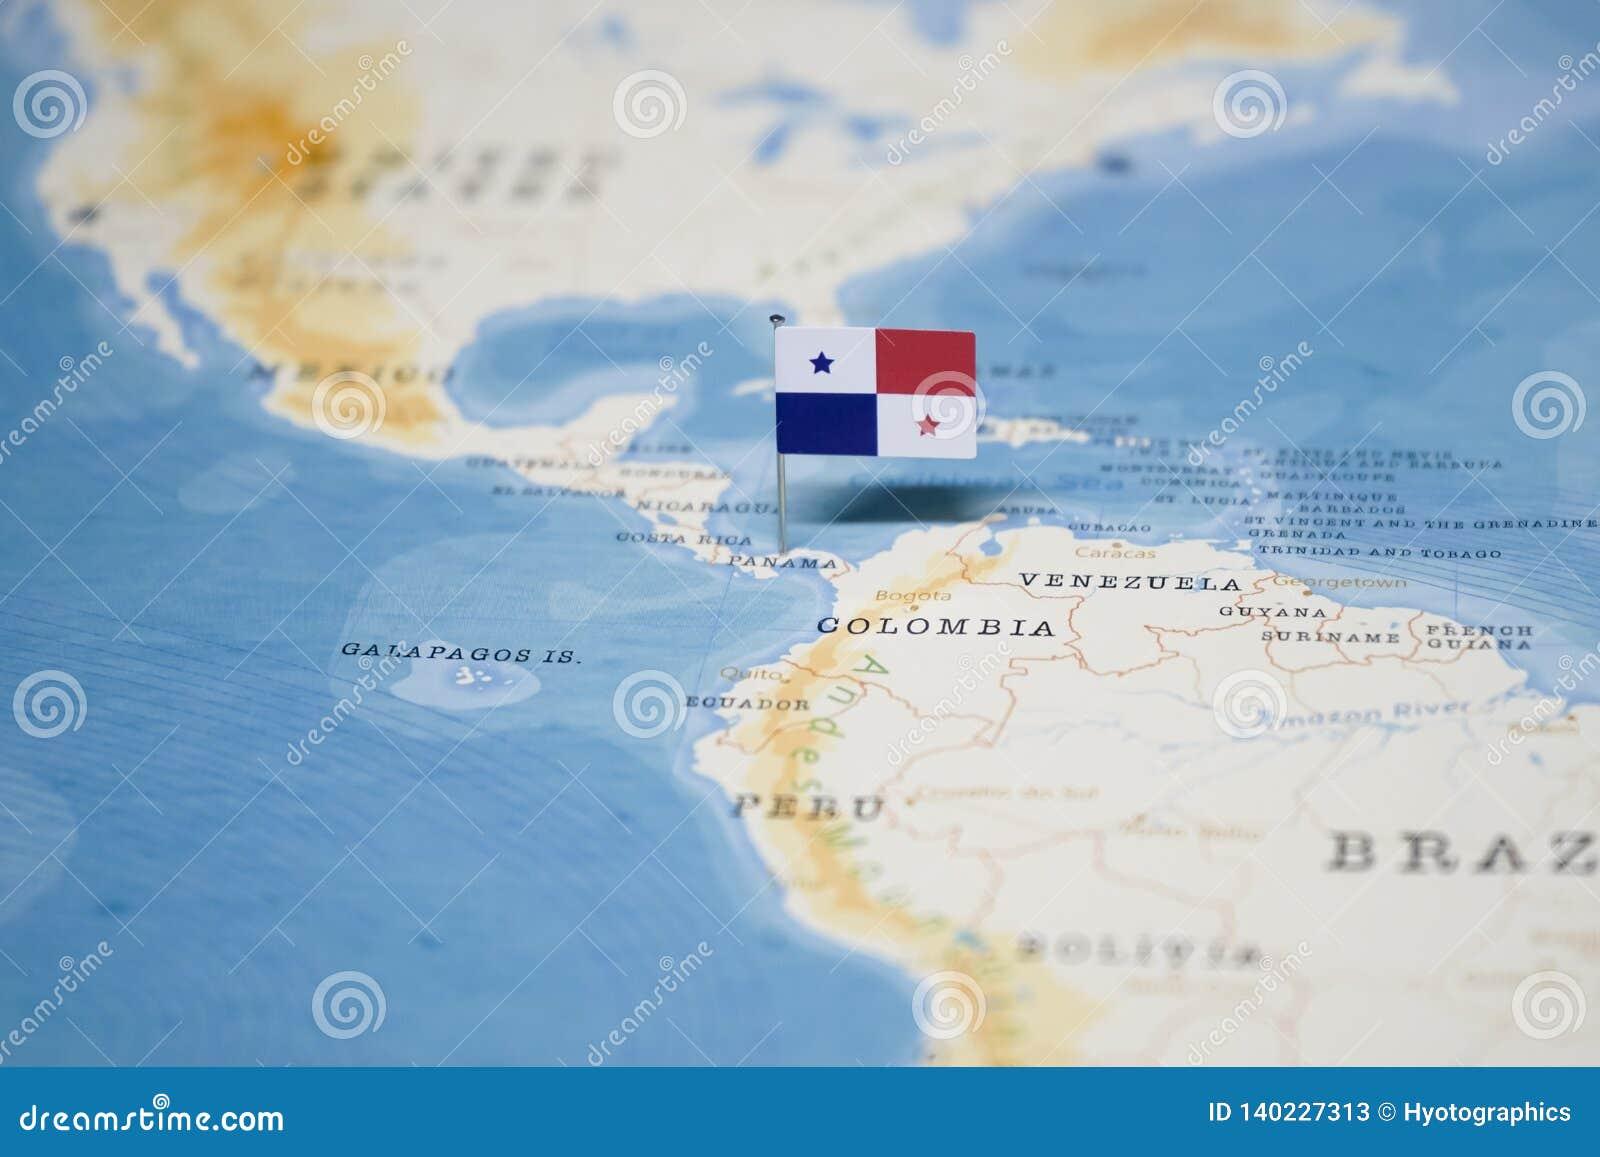 Η σημαία του Παναμά στον παγκόσμιο χάρτη